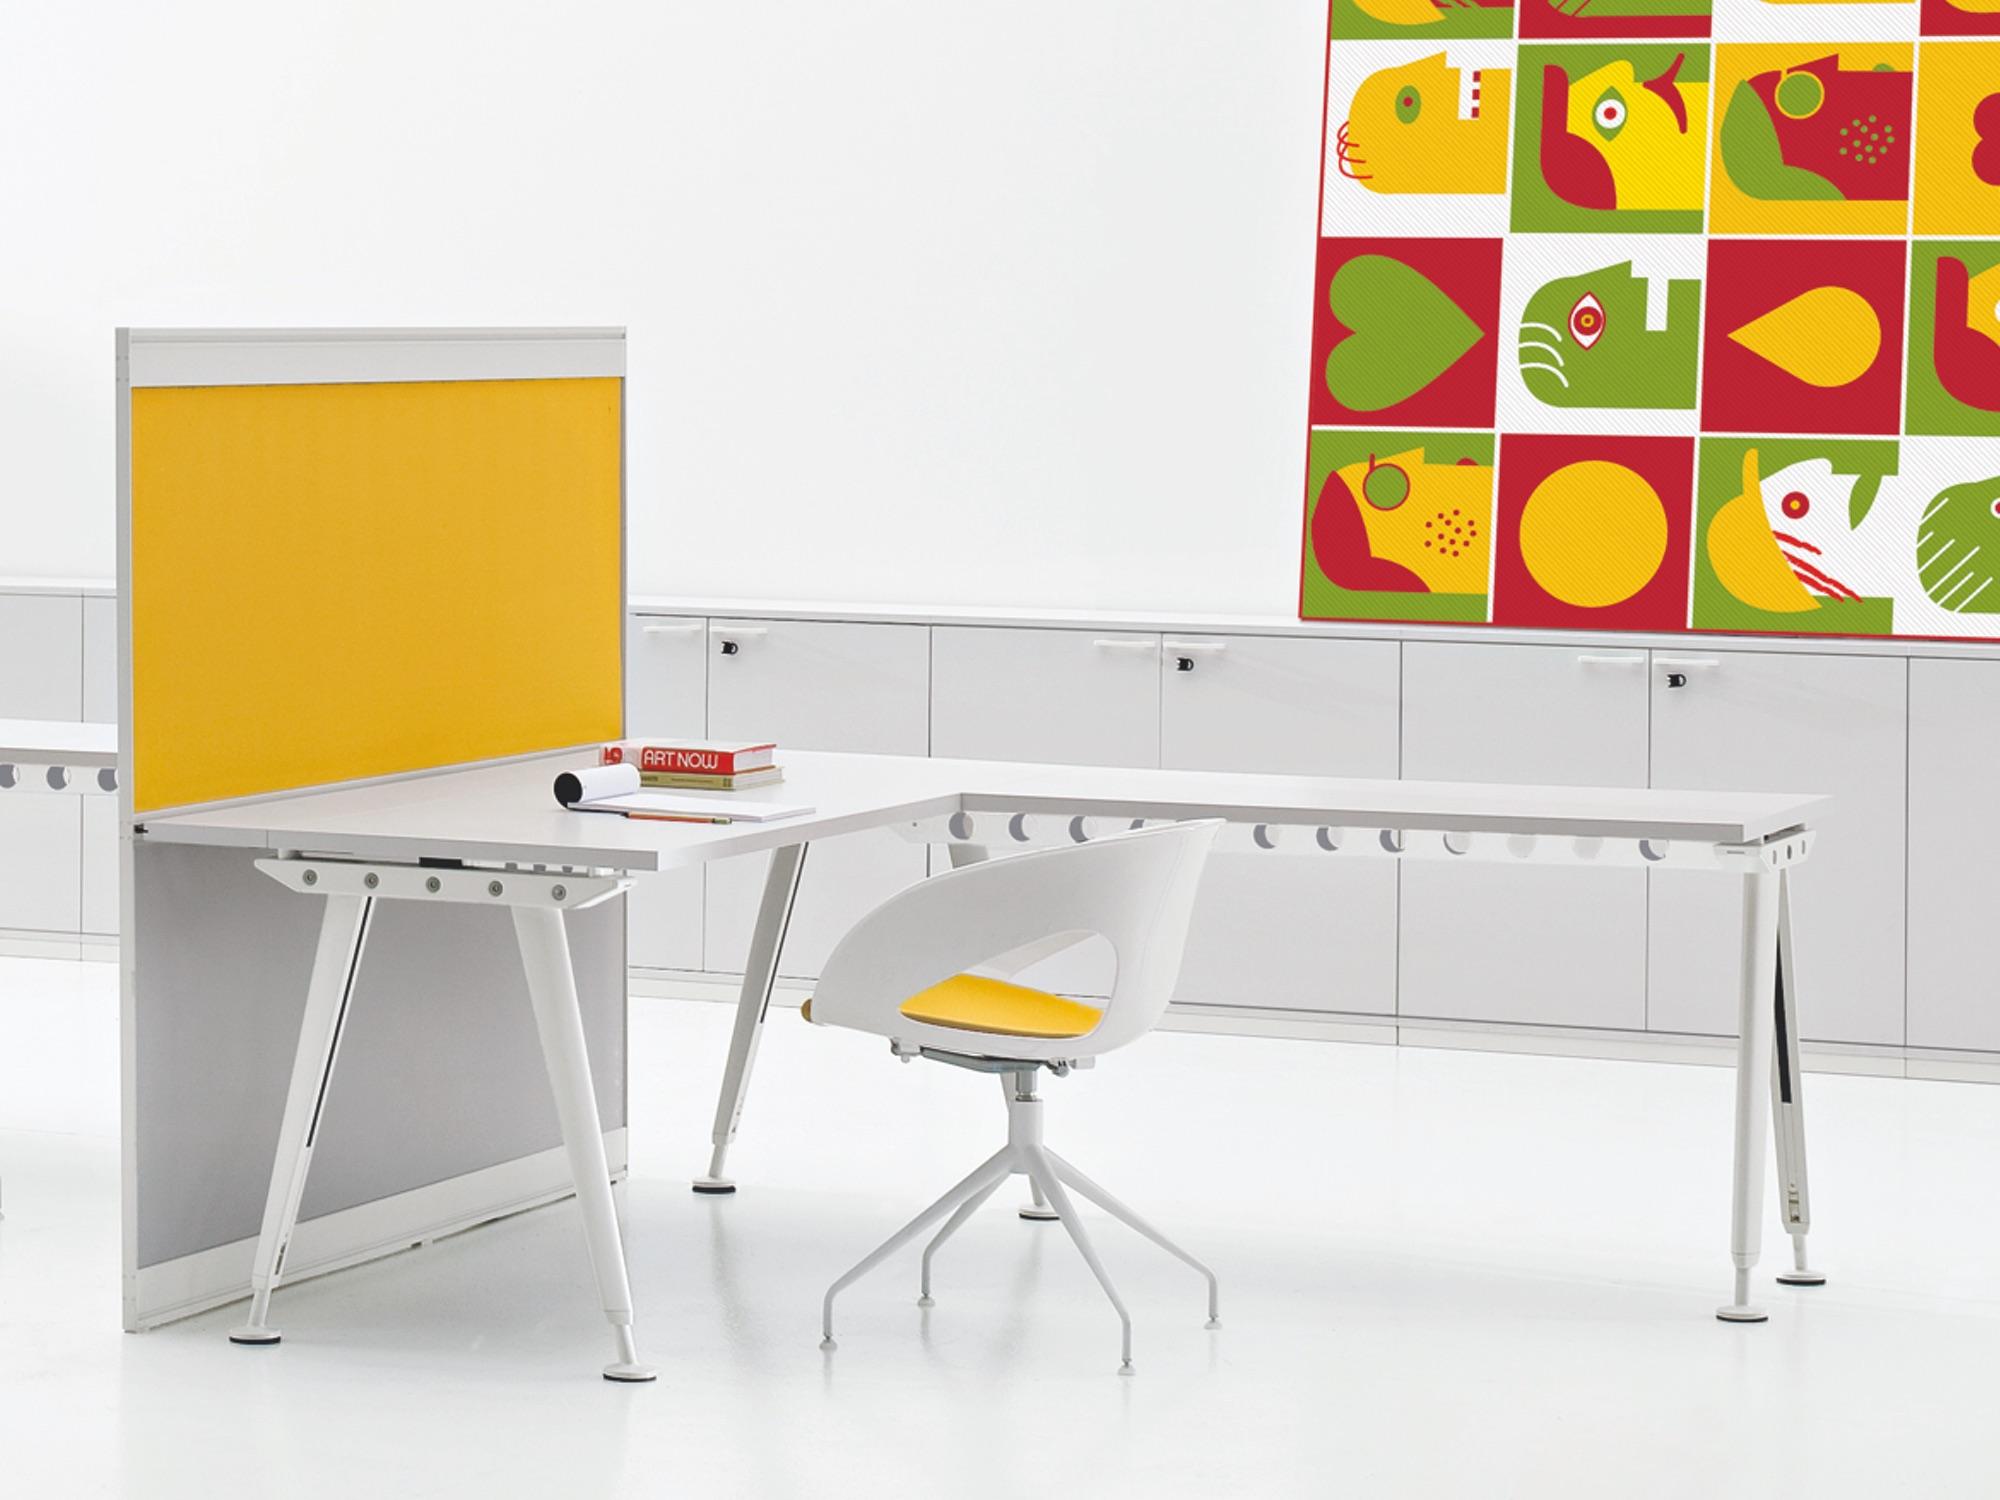 archiutti kayo winkelschreibtisch mit trennwand h henverstellbar eckschreibtische. Black Bedroom Furniture Sets. Home Design Ideas